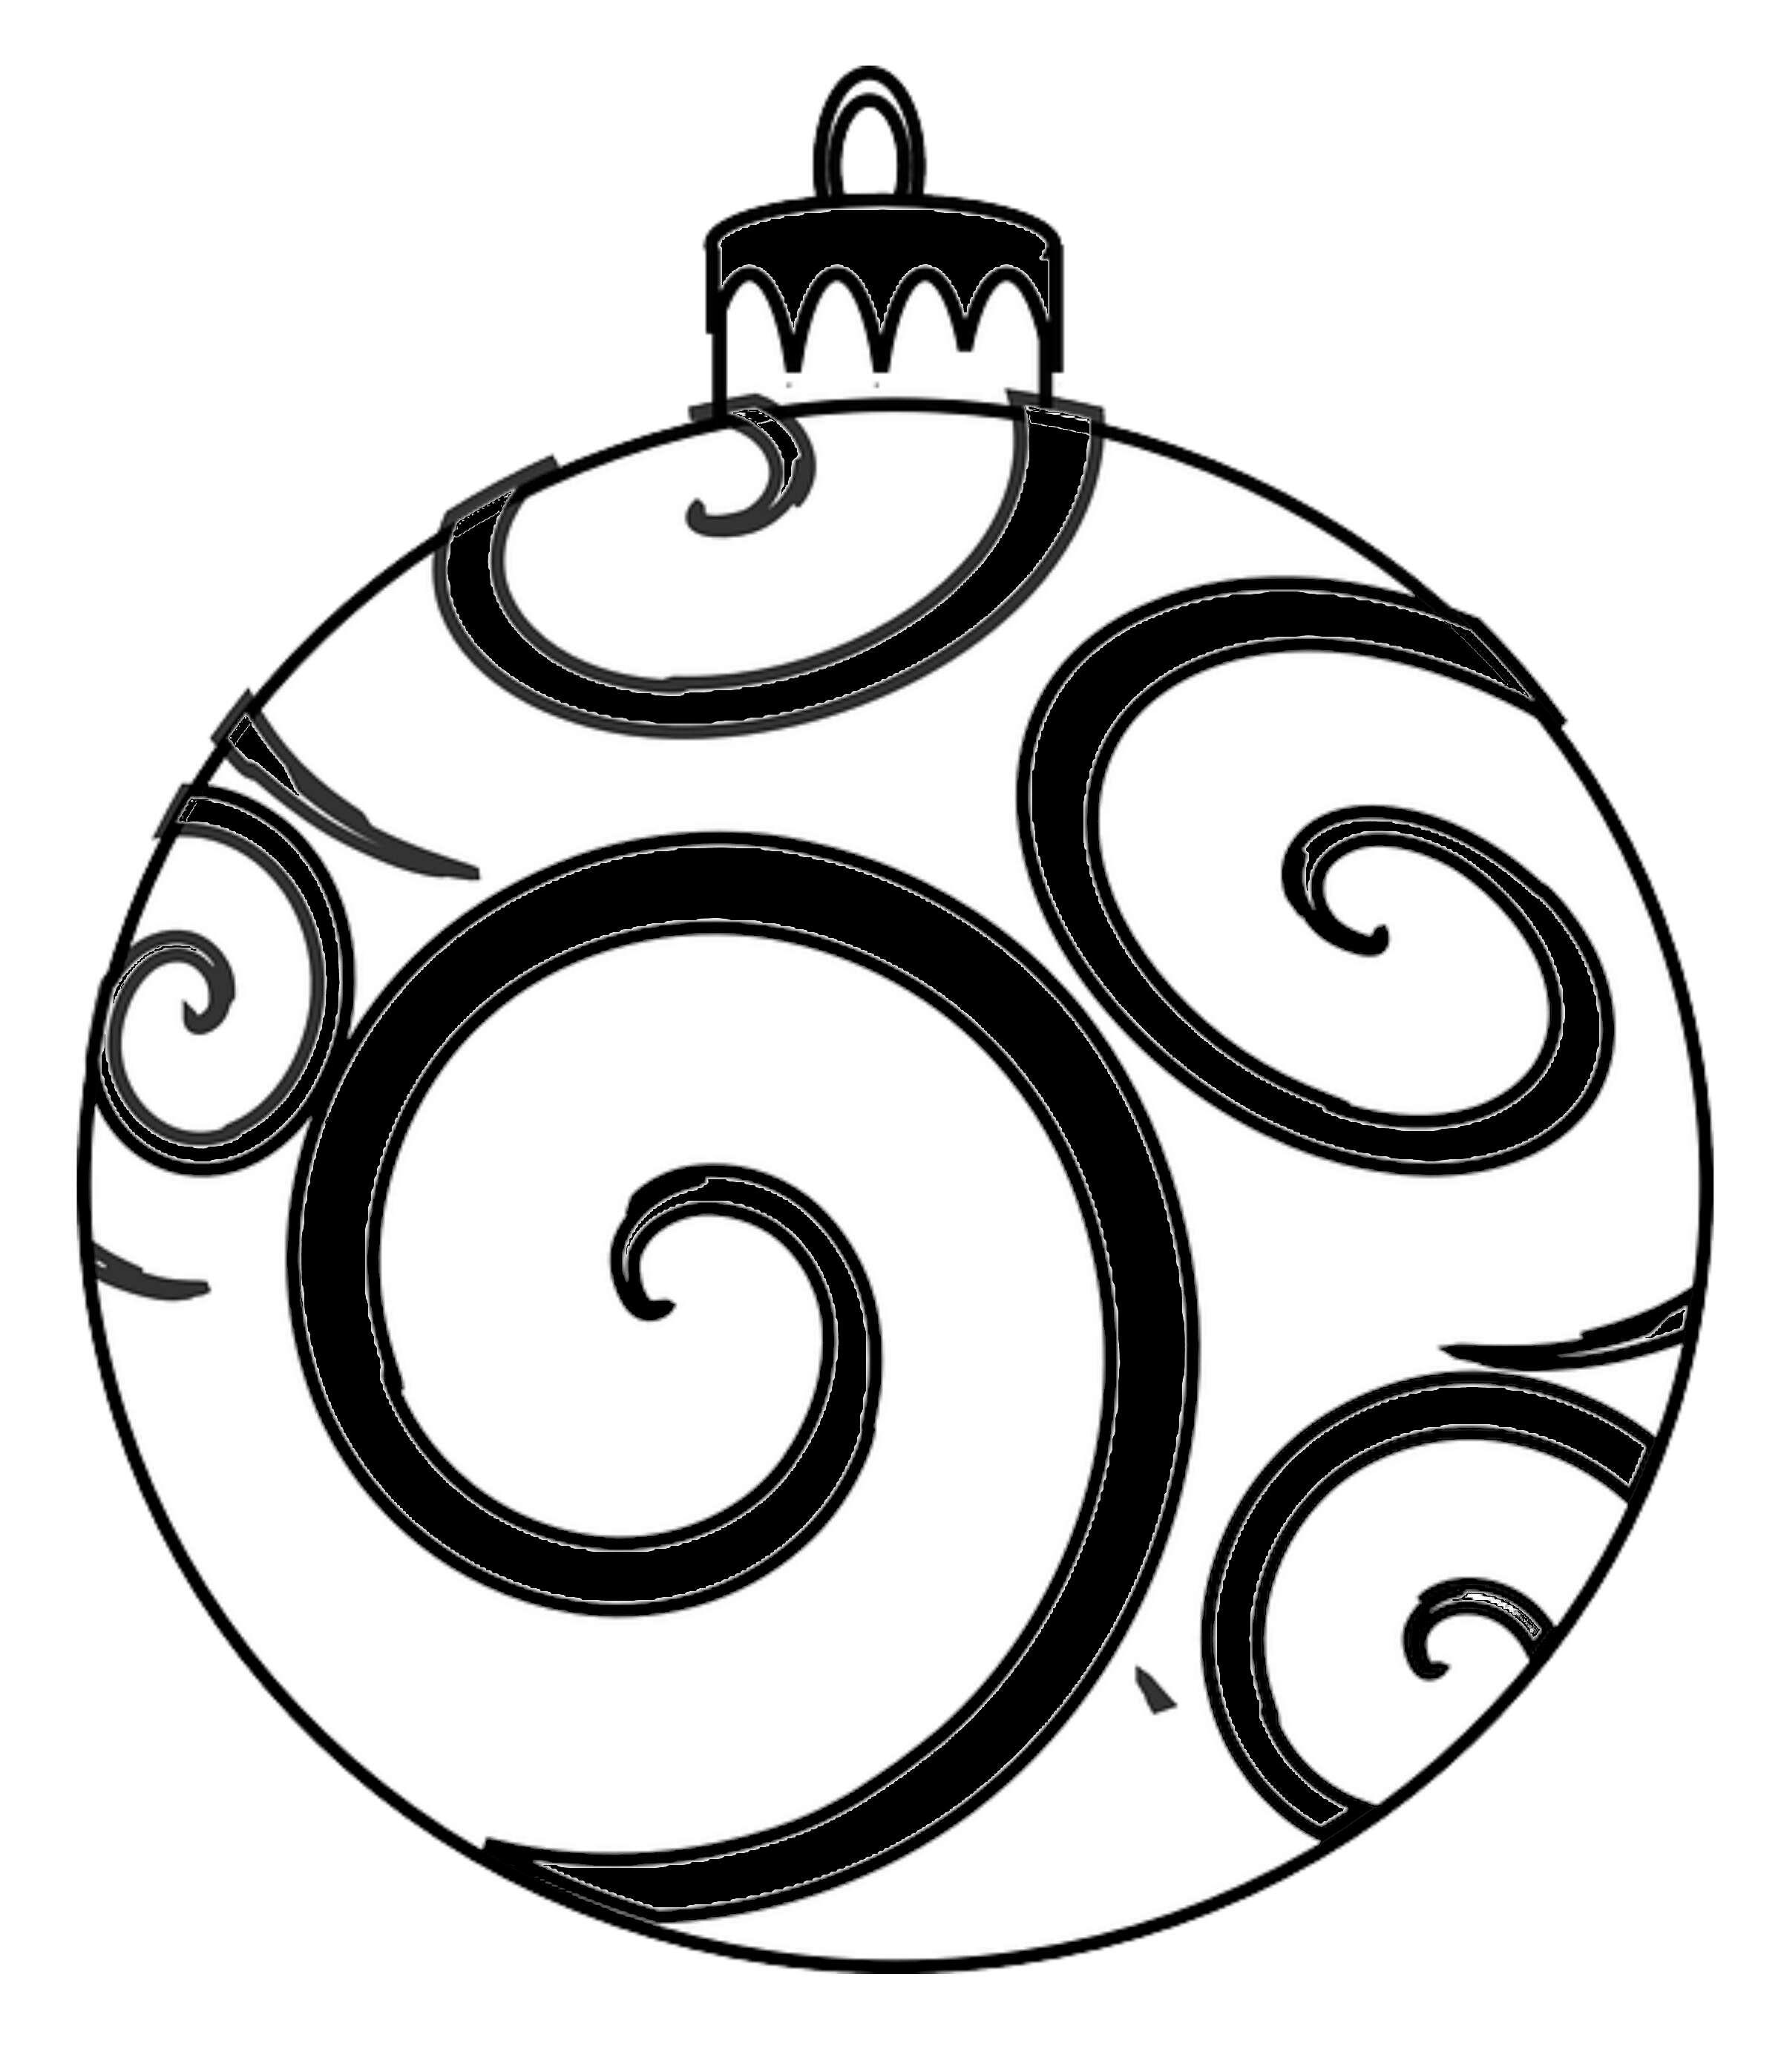 схемы шаблон ветки ели для украшения окон на новый год 2014